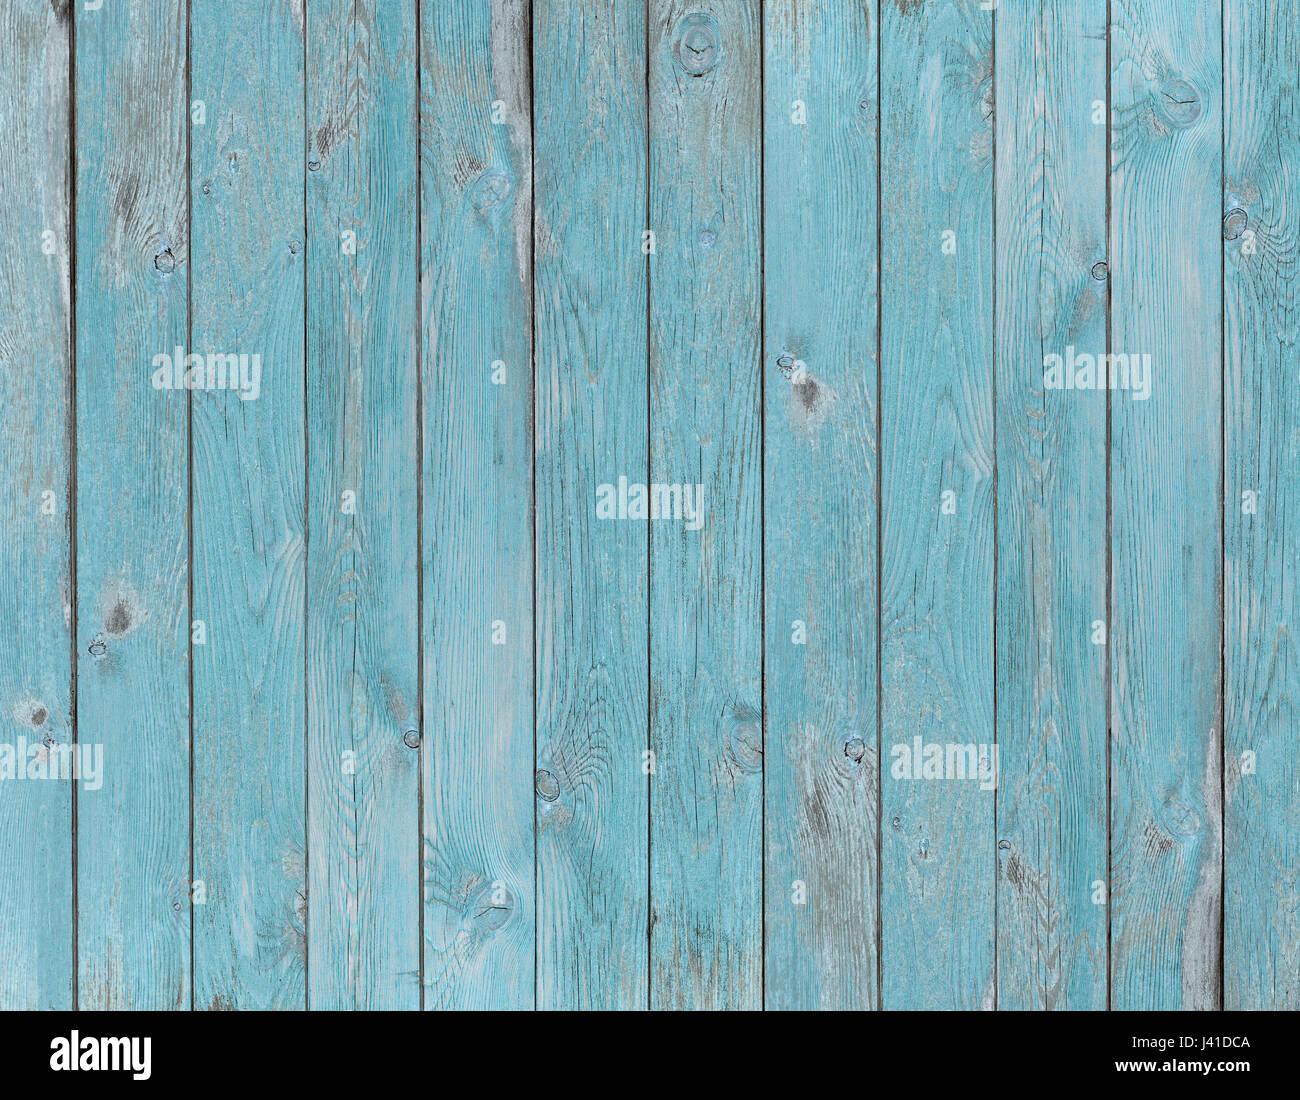 Vieux bois bleu texture planches ou d'arrière-plan Banque D'Images, Photo Stock: 140174058 - Alamy